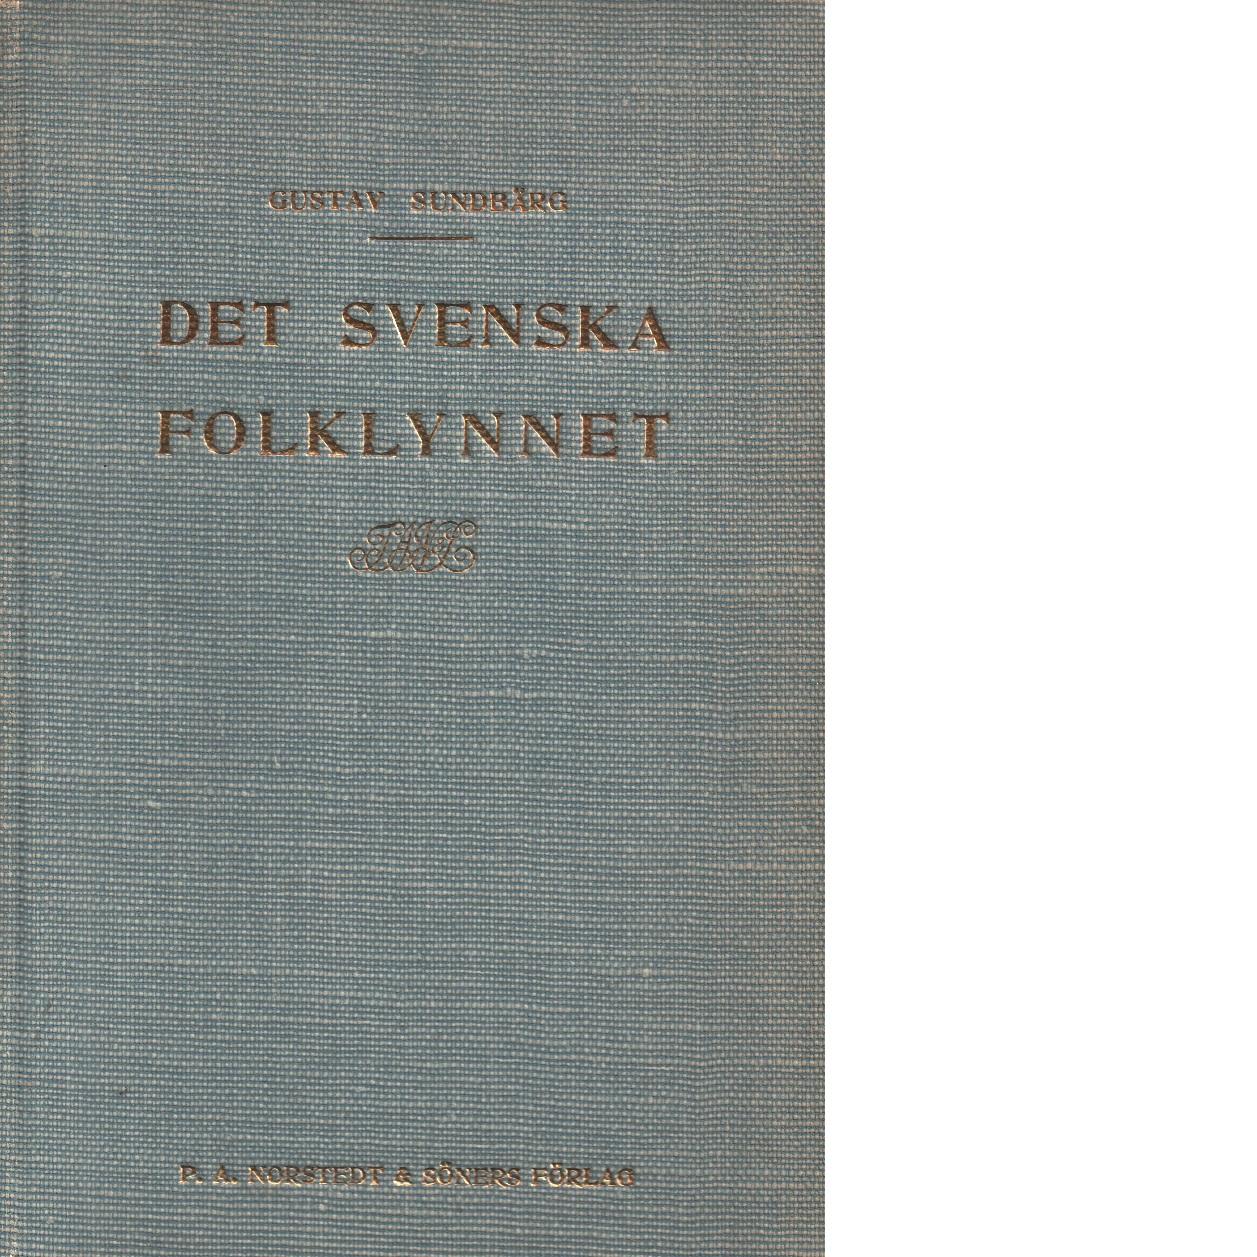 Det svenska folklynnet : aforismer - Sundbärg, Gustav